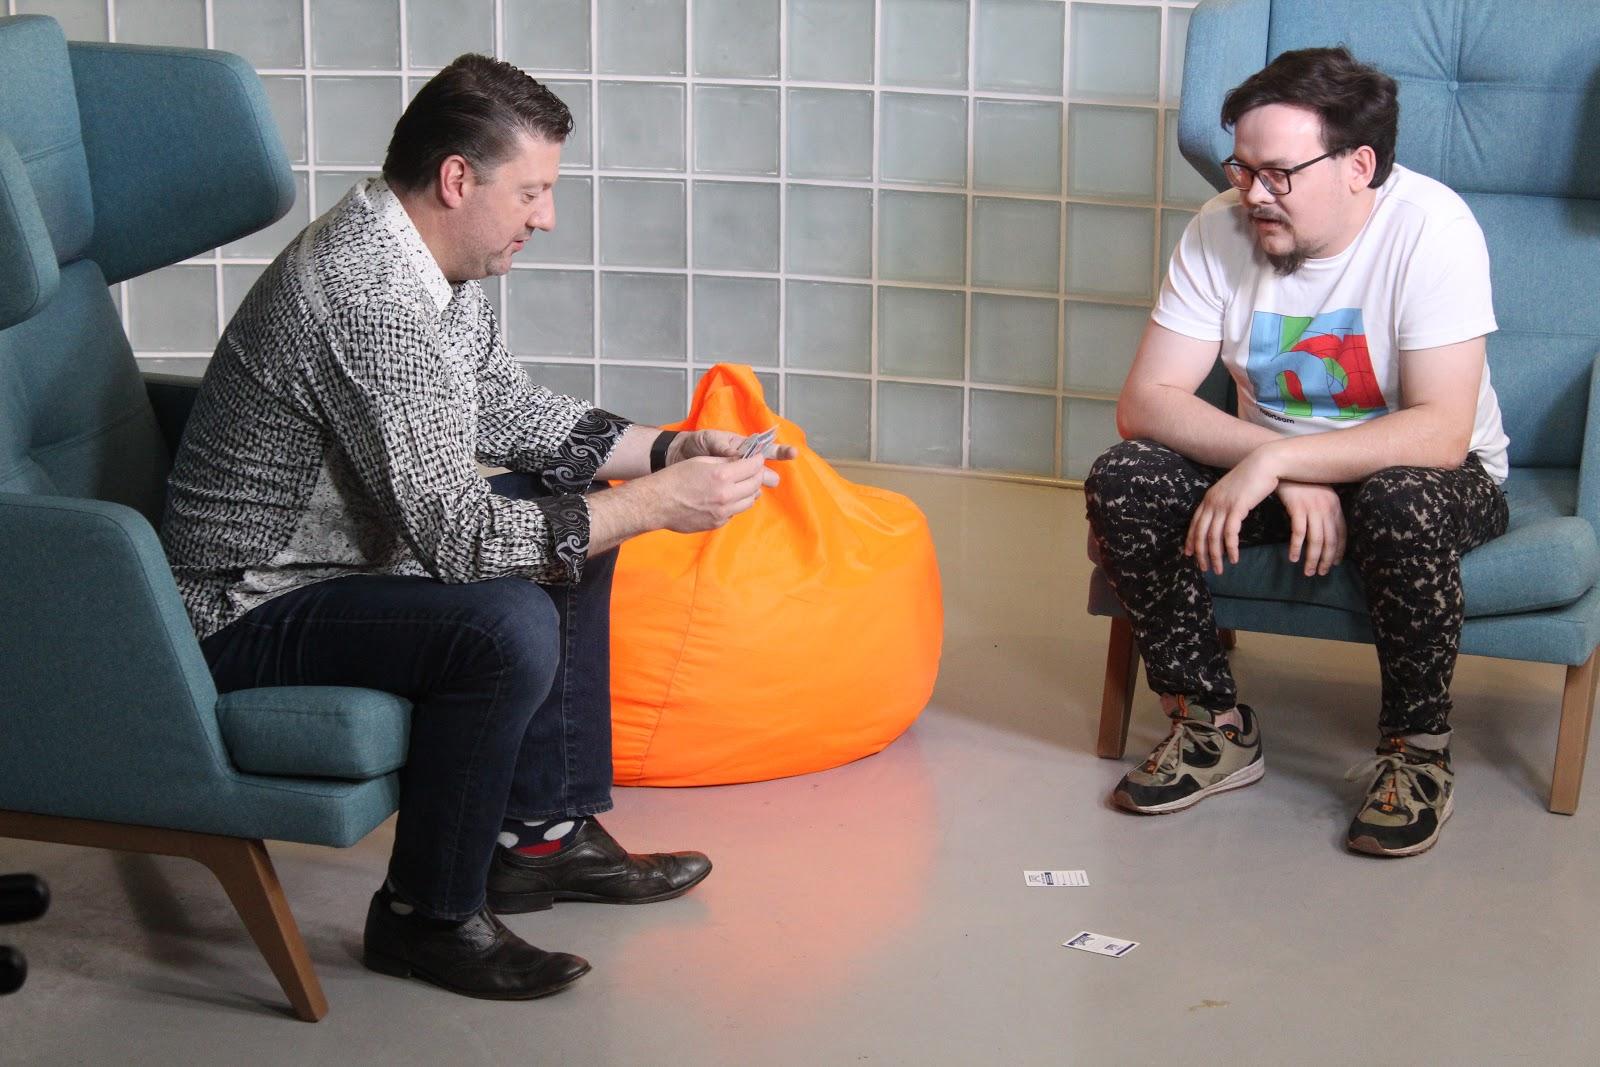 Тот, кто воскресил Duke Nukem: интервью с Рэнди Питчфордом, волшебником из Gearbox - 16